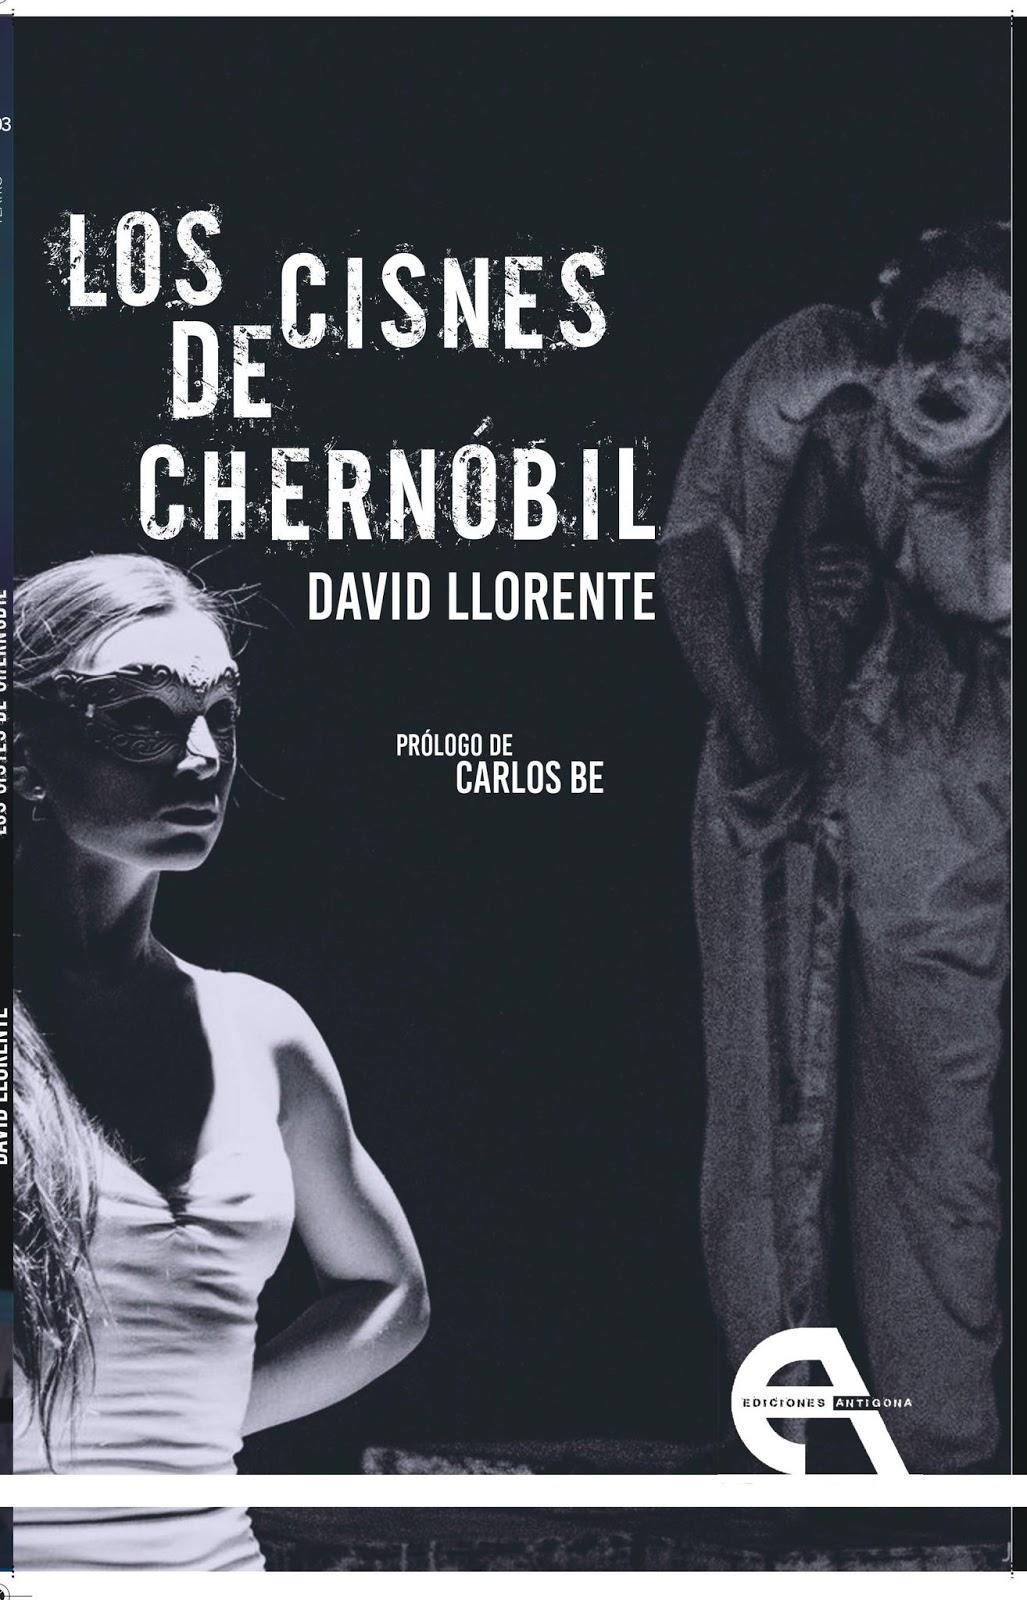 teatro_cisnes_chernobil_david_llorente